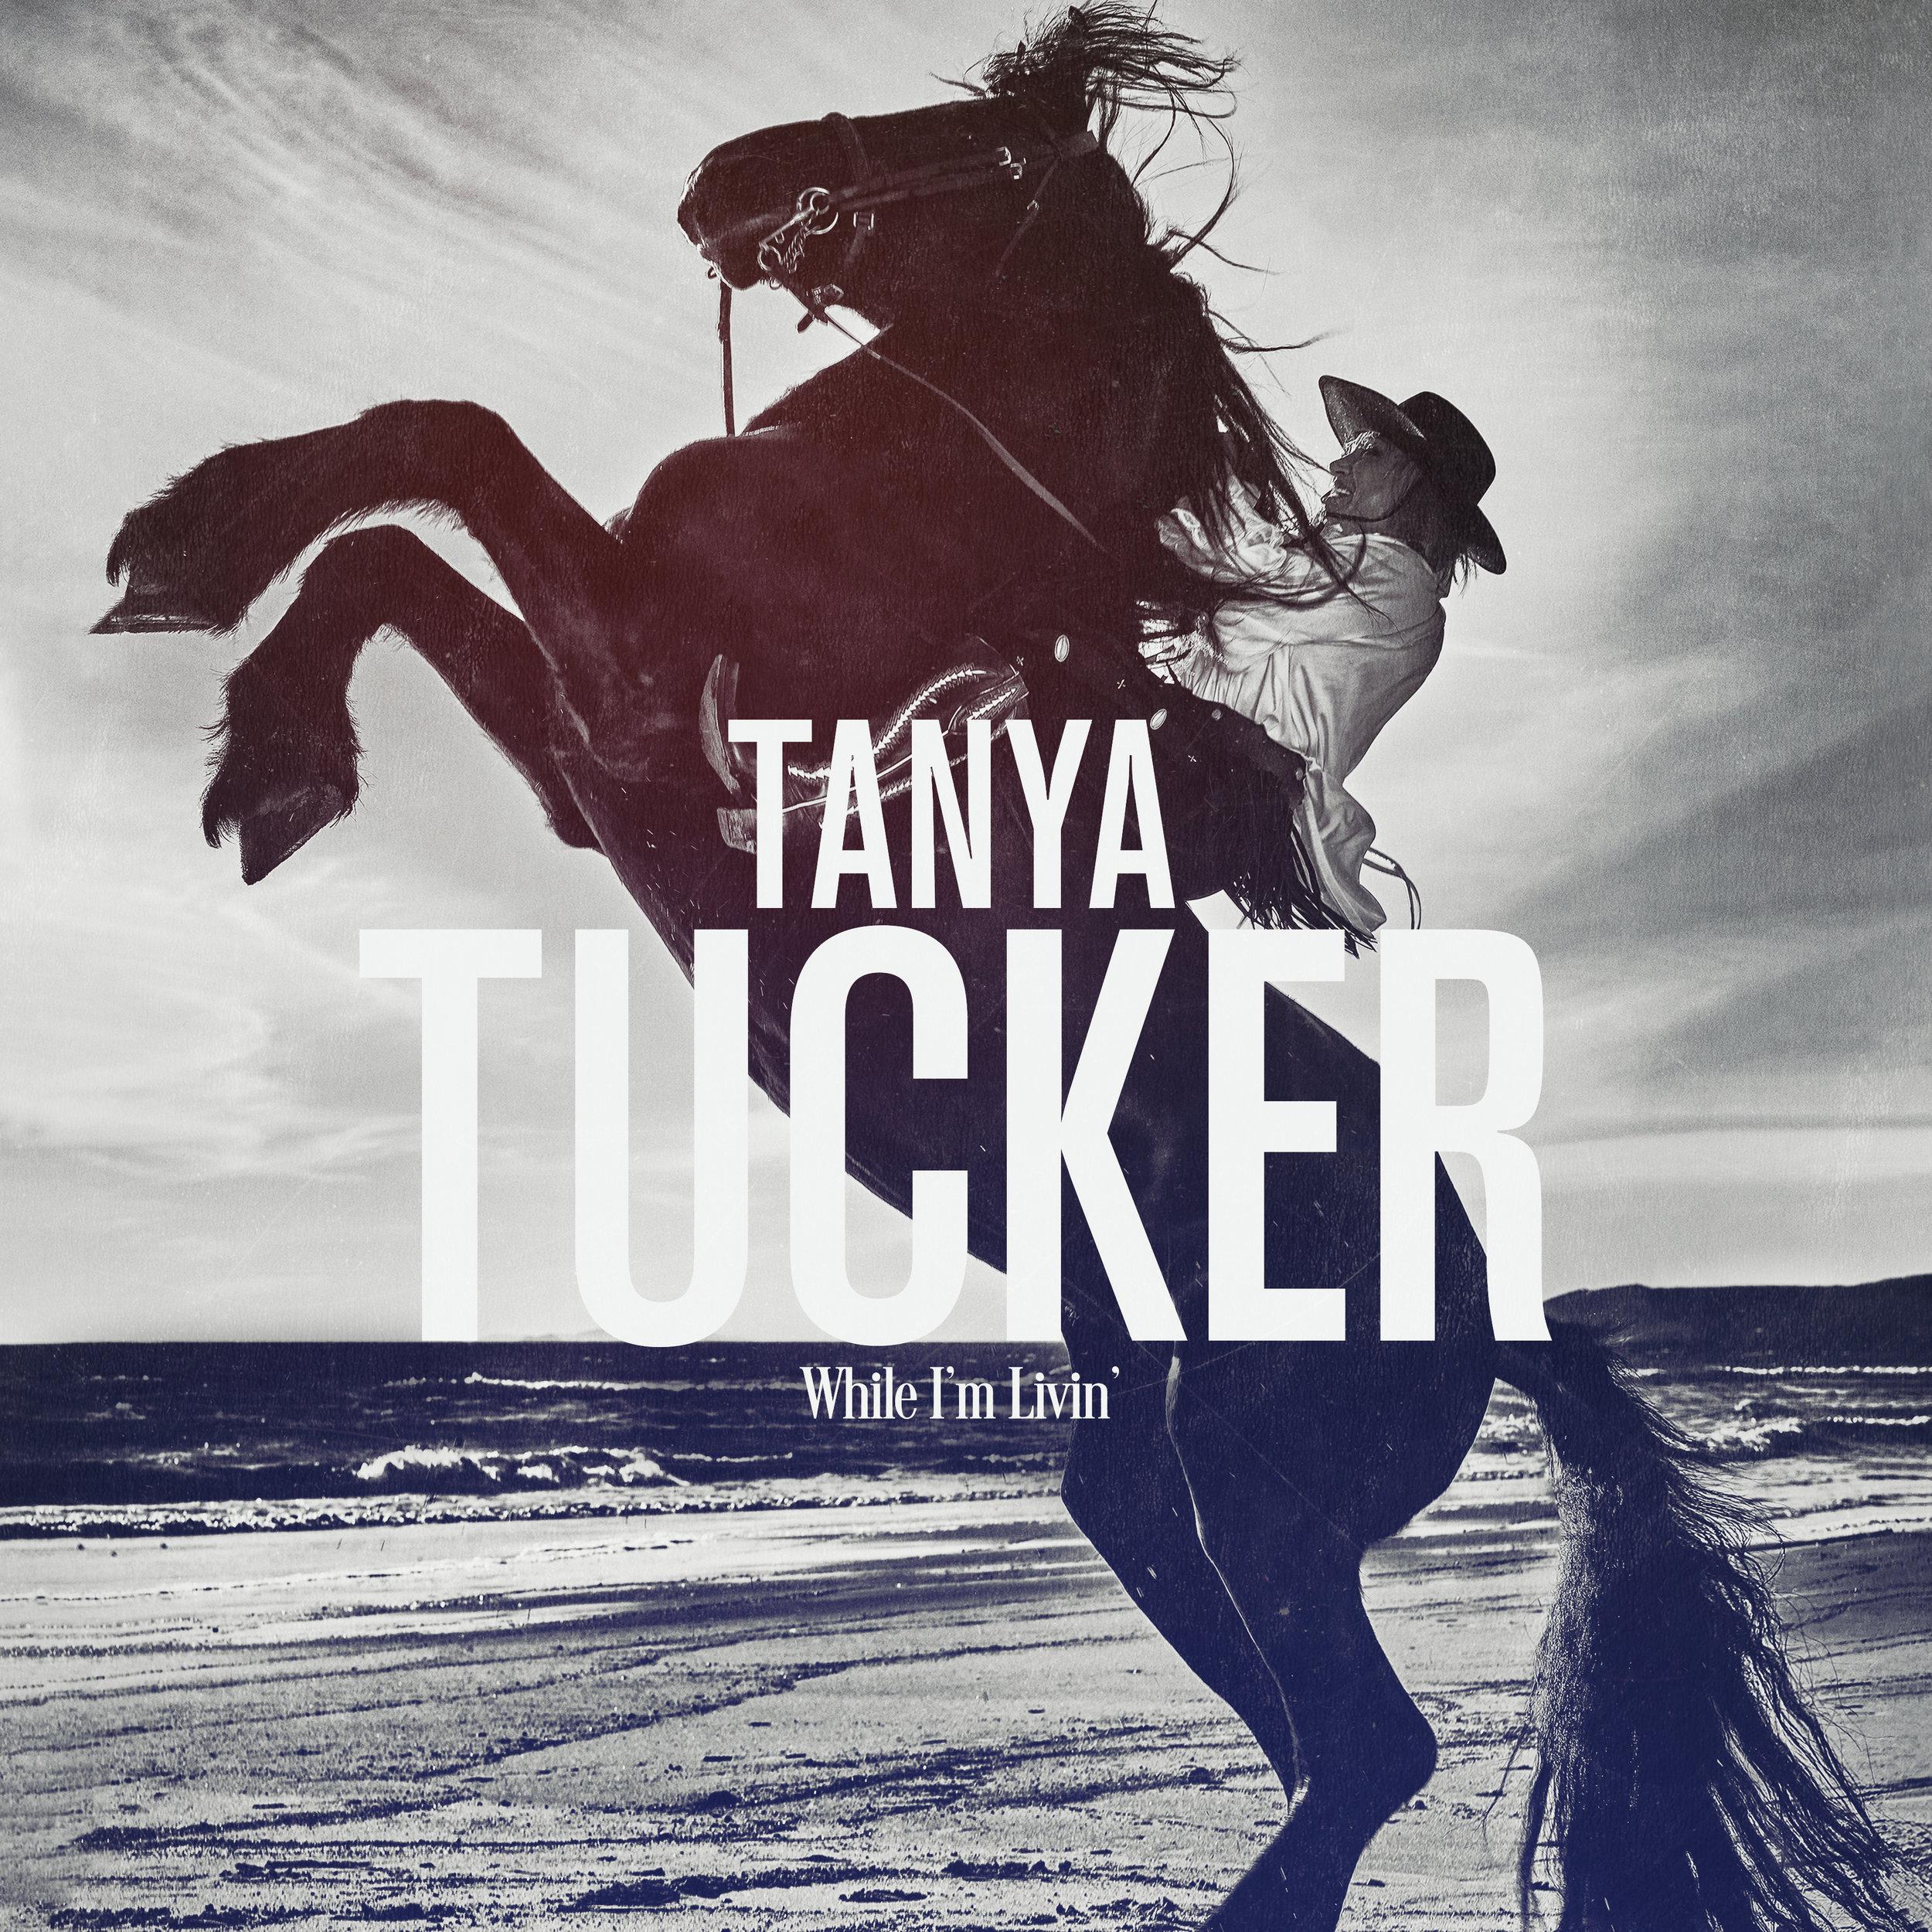 Tanya Tucker | The Oklahoma Reviews